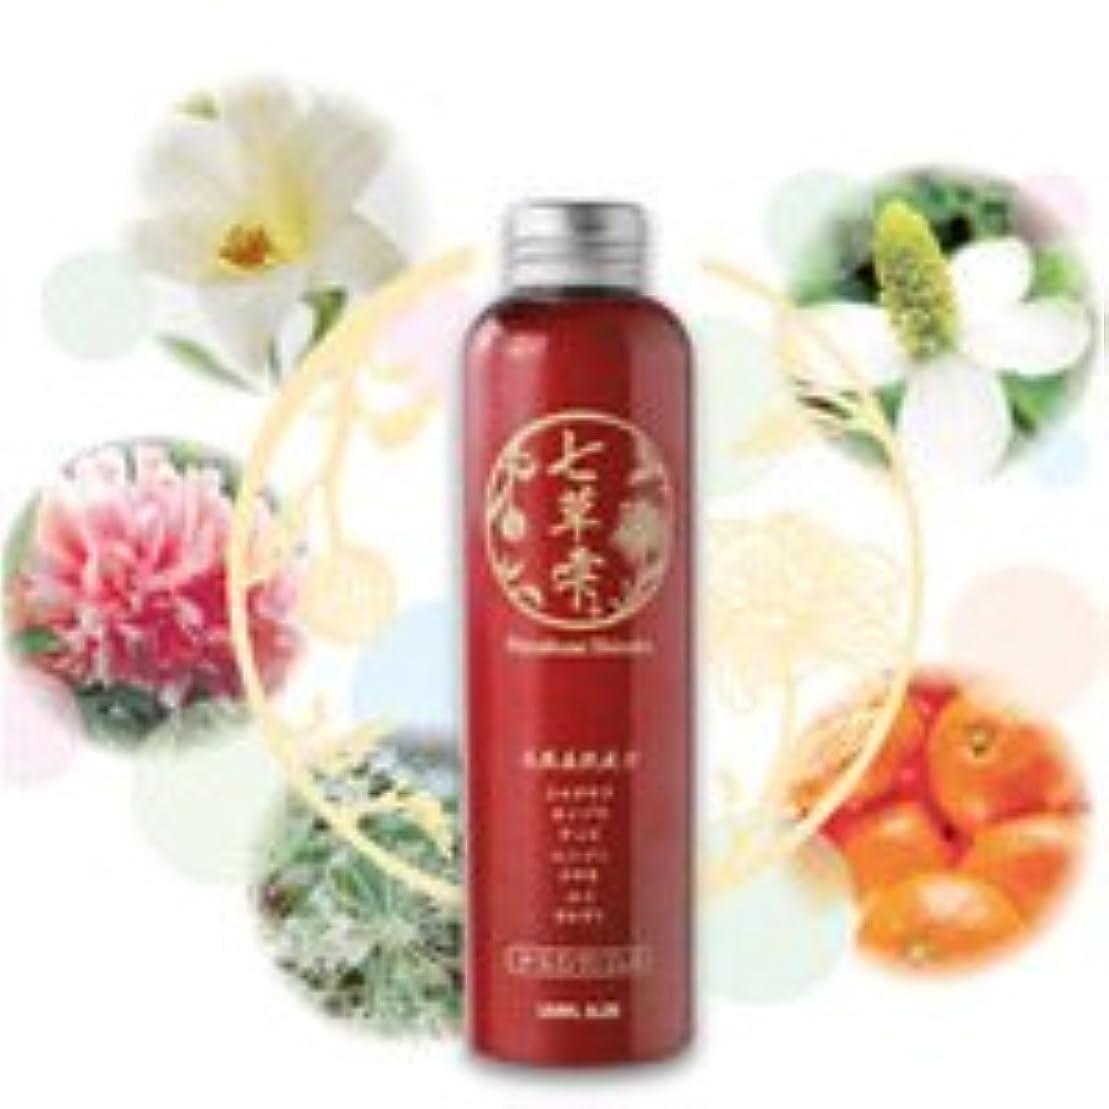 集める絶対に真似る七草雫 化粧水 さっぱりタイプ 200ml / フタバ化学 リーブルアロエ